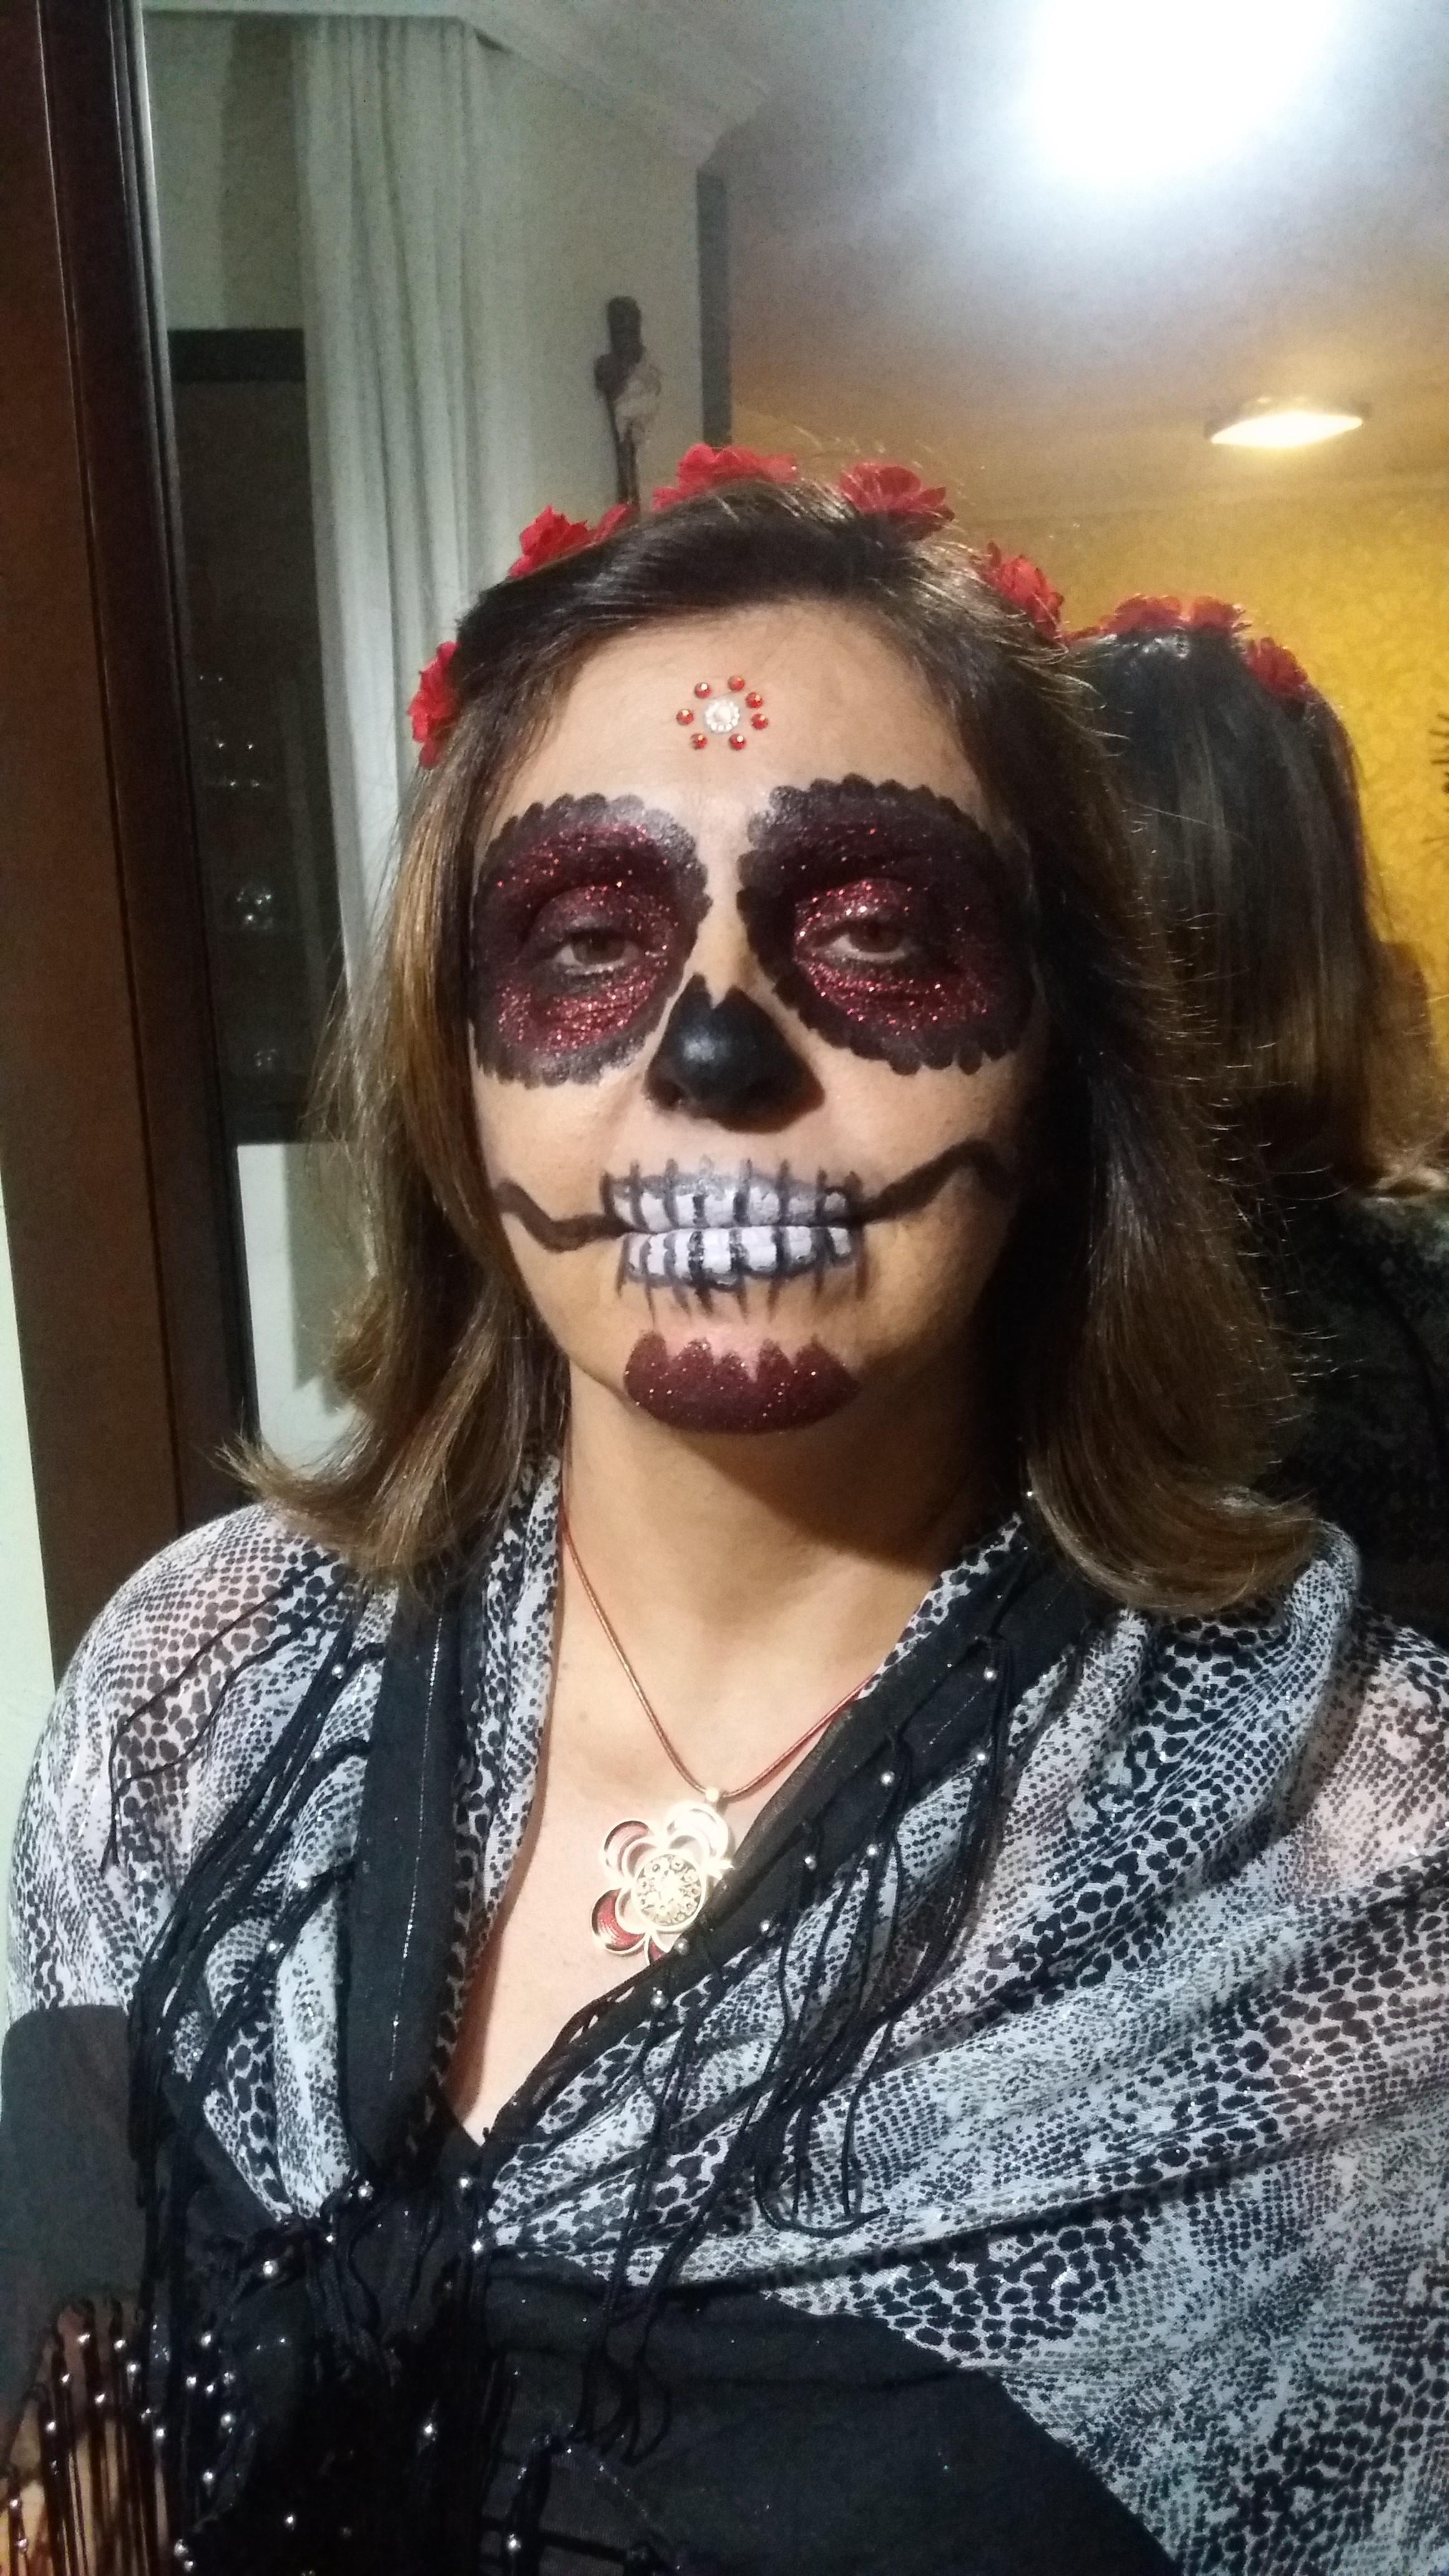 Maquiagem artística - festa de halloween - Caveira Mexicana. Veja mais no meu Blog Vaidosas de Batom:  www.vaidosasdebatom.com maquiagem maquiador(a) docente / professor(a)